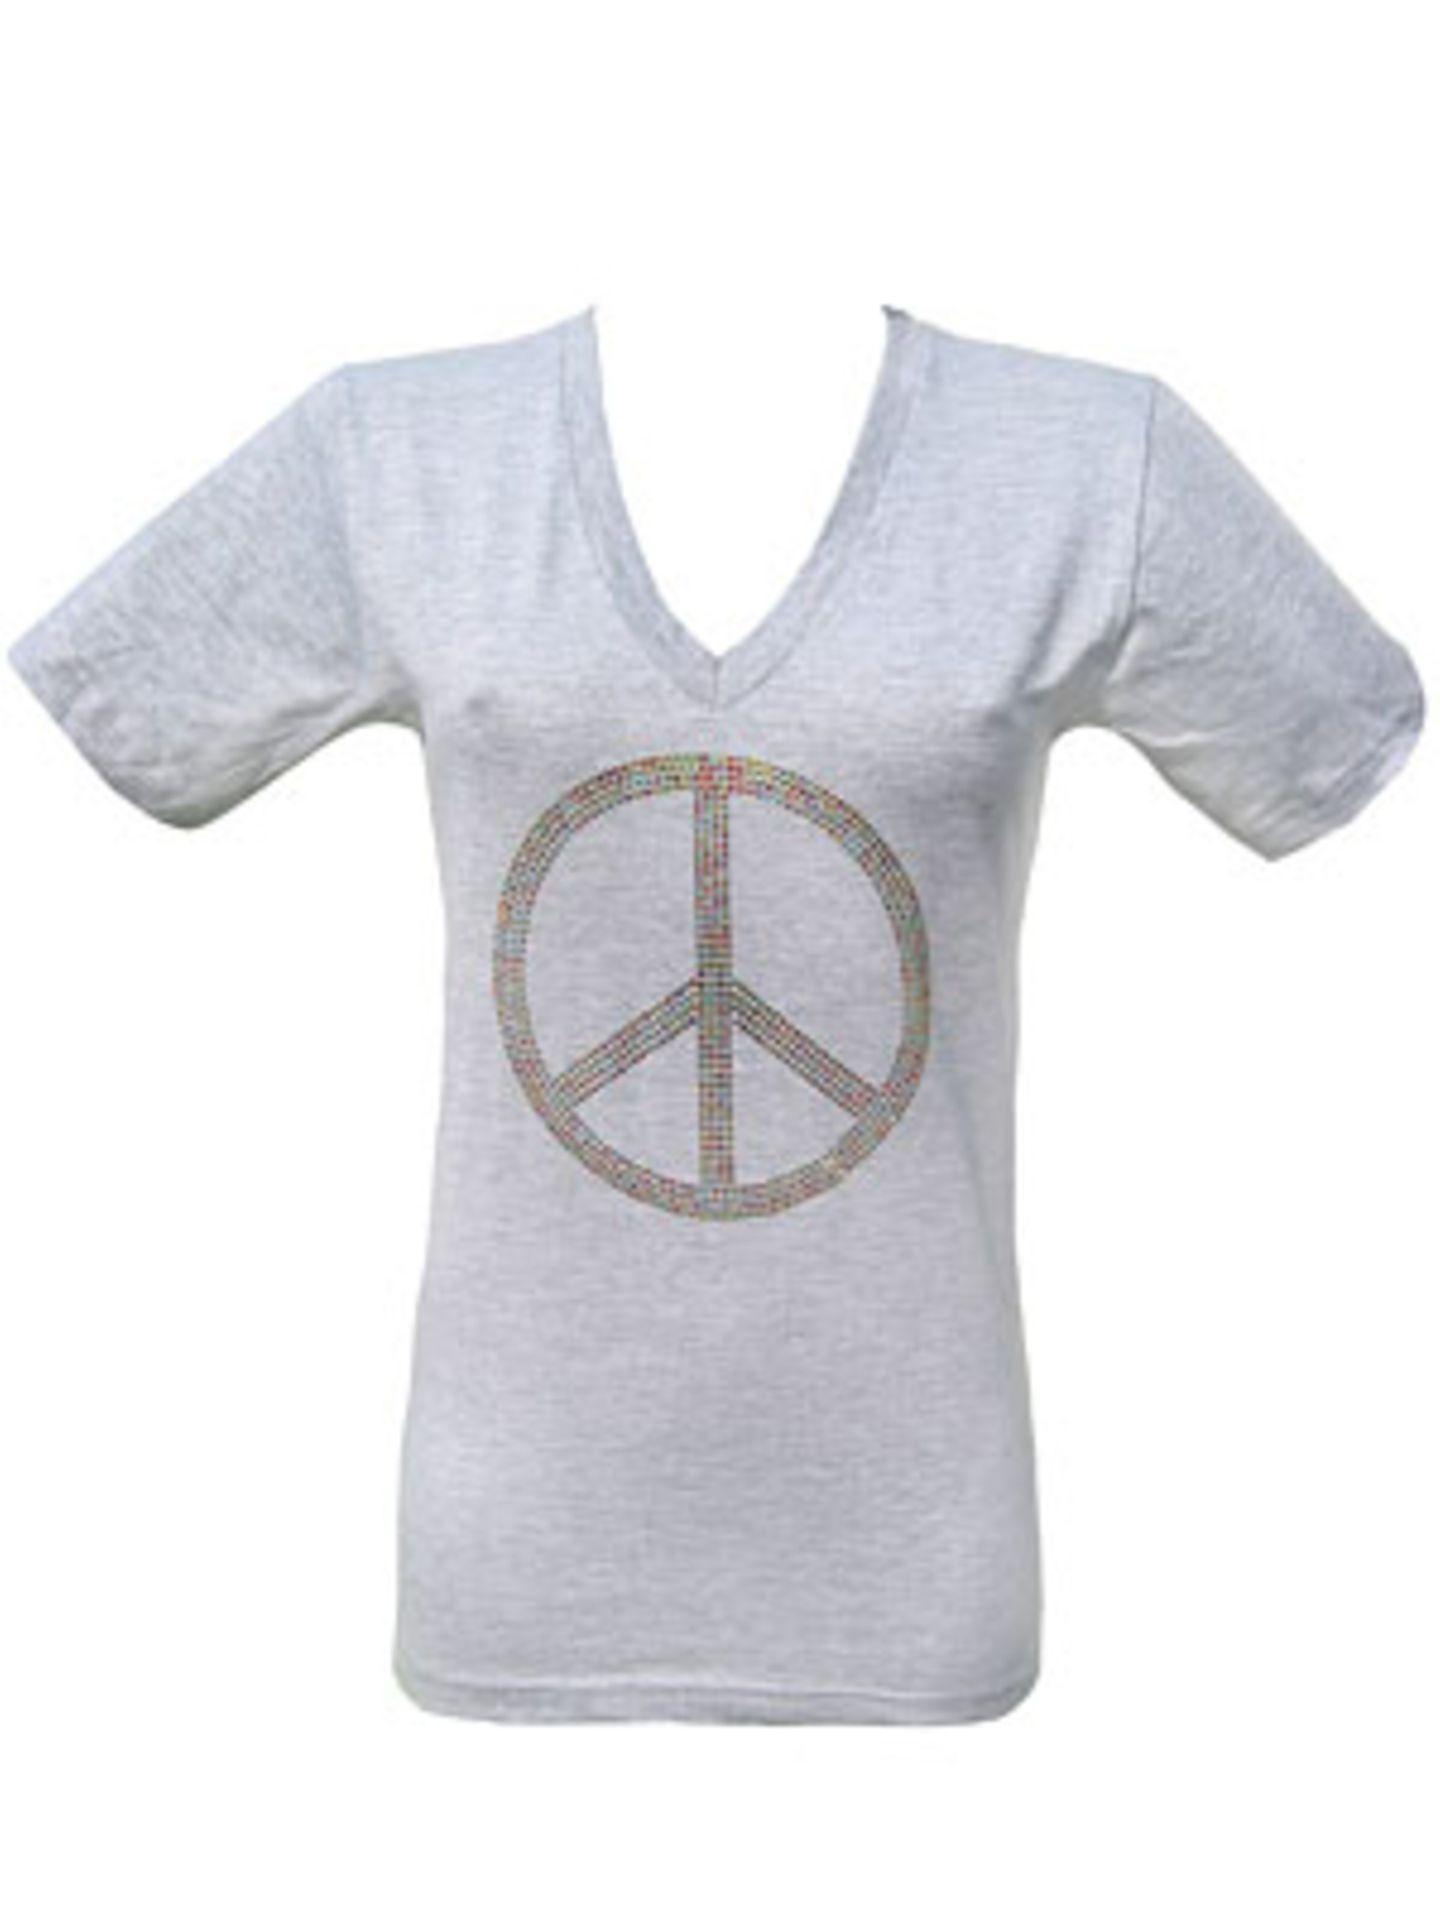 Baumwollshirt mit Peace-Zeichen aus bunten Strasssteinen von Pinja, um 40 Euro.